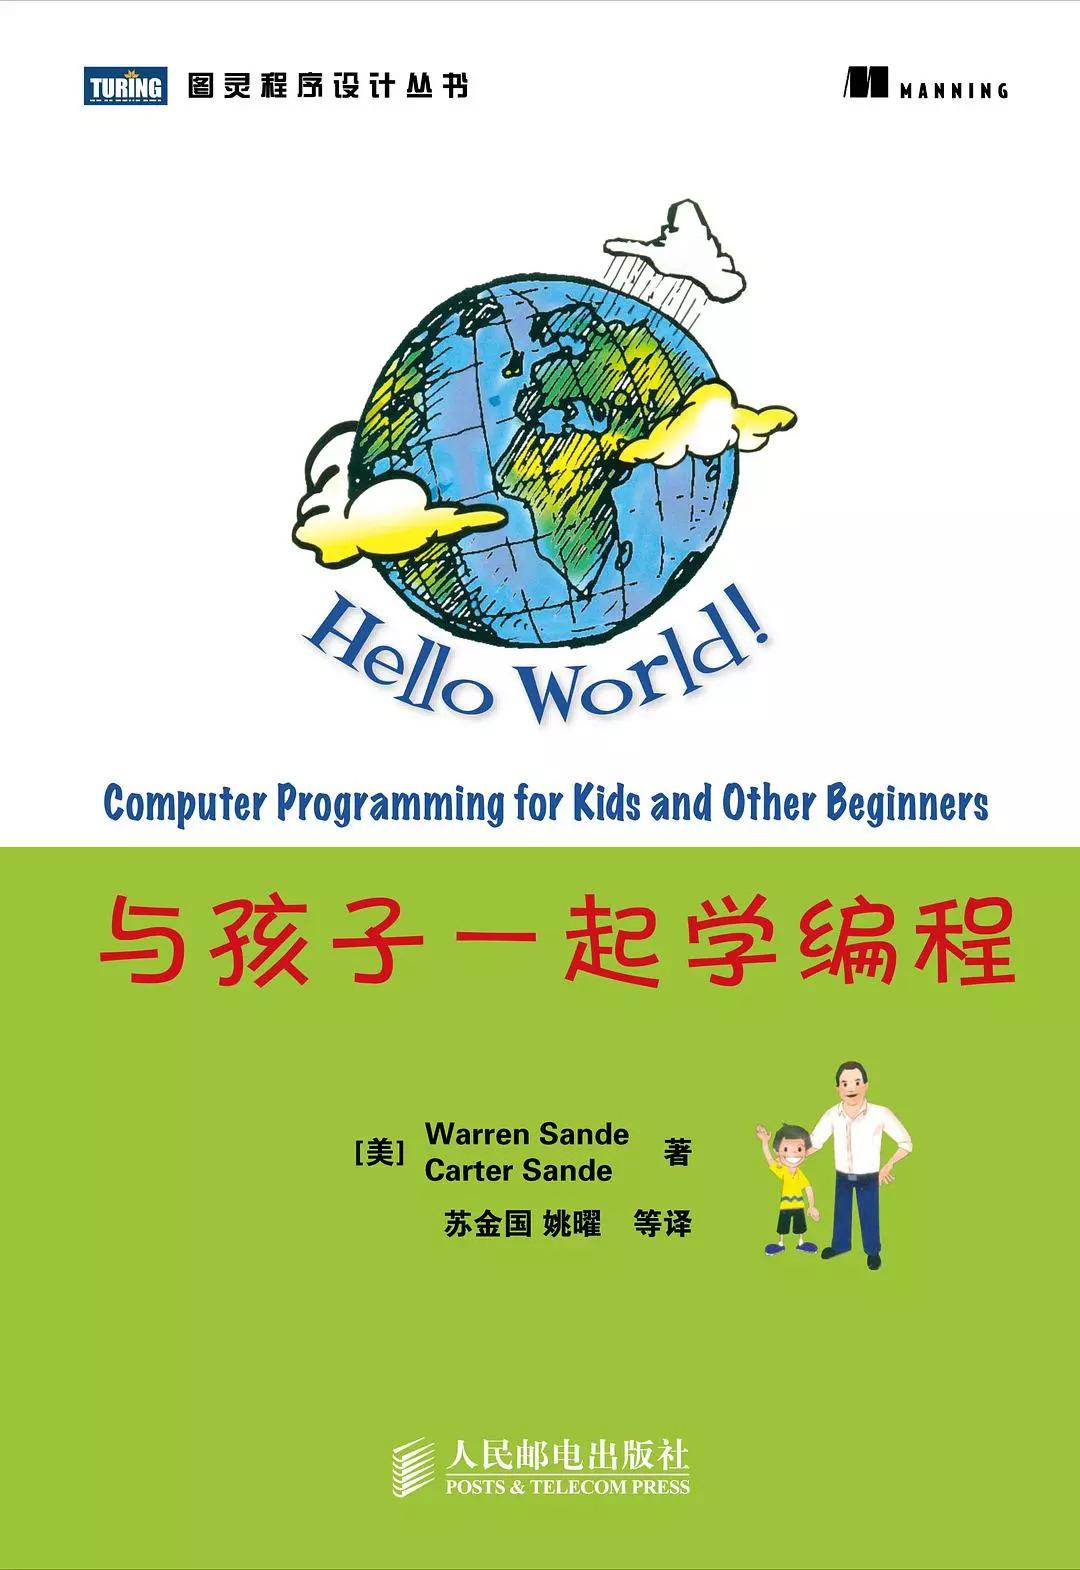 送书福利 | 适合不同年龄段孩子学习的少儿编程书籍推荐